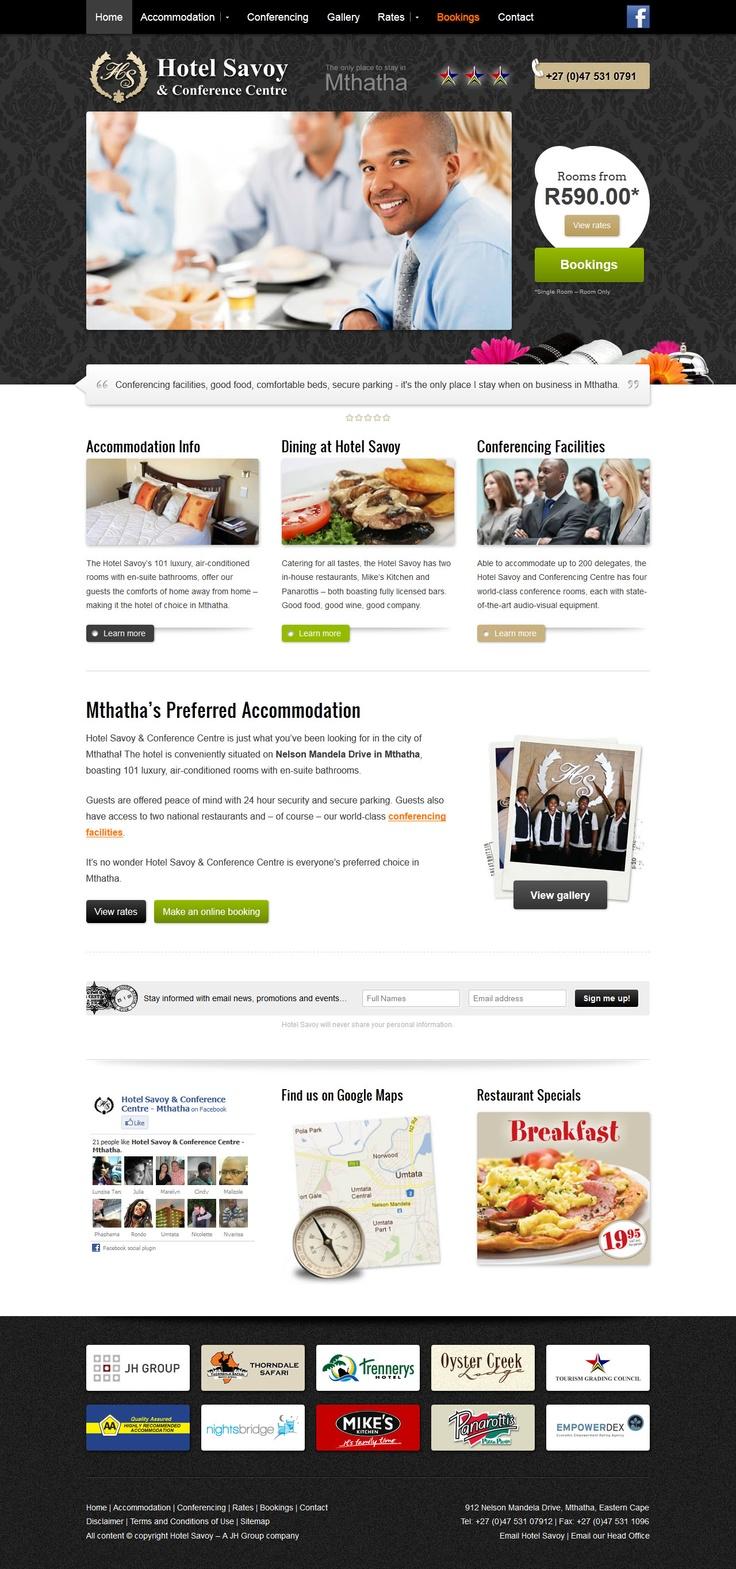 Website design for Hotel Savoy